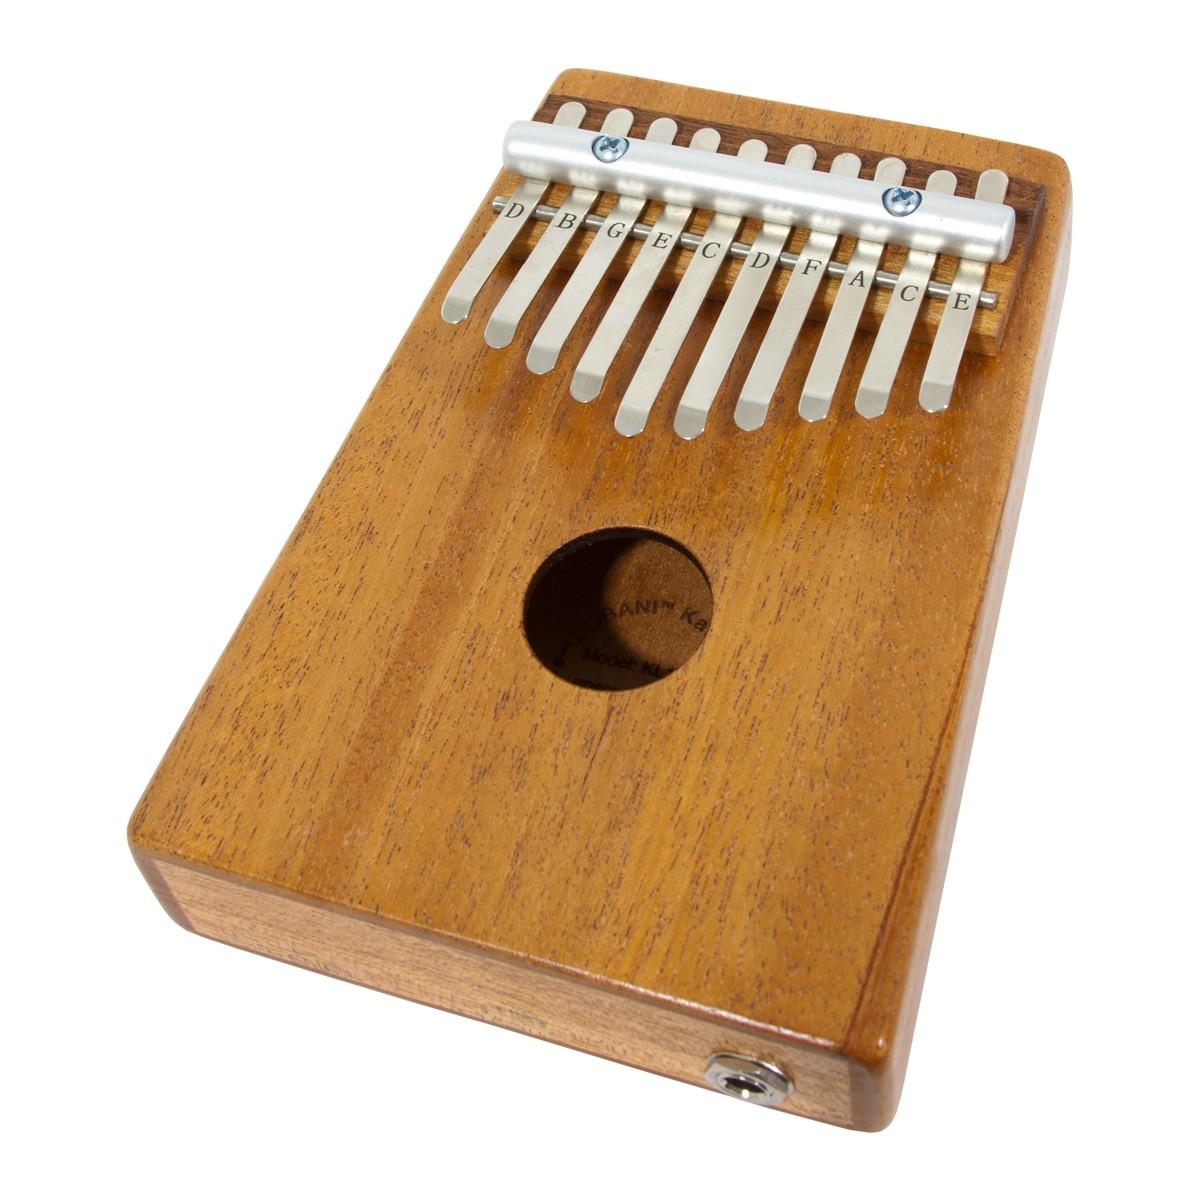 DOBANI 10-Key Kalimba with Pickup - Mahogany